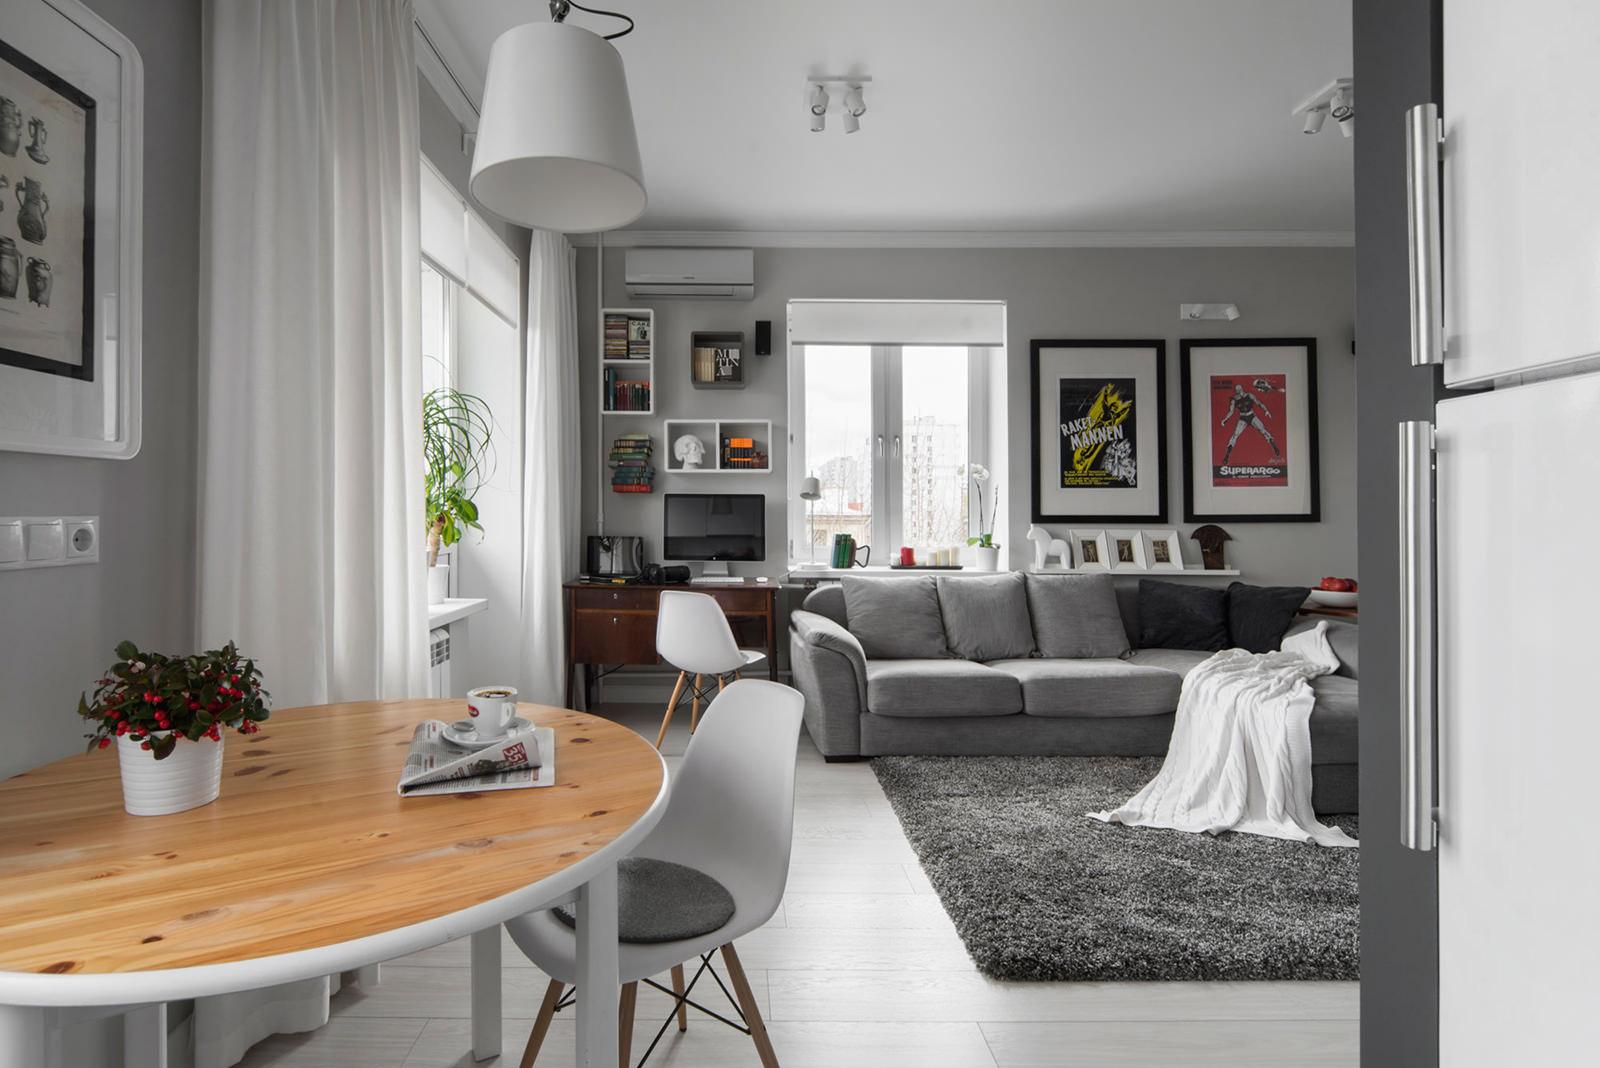 Design Deko Ideen Wohnzimmer